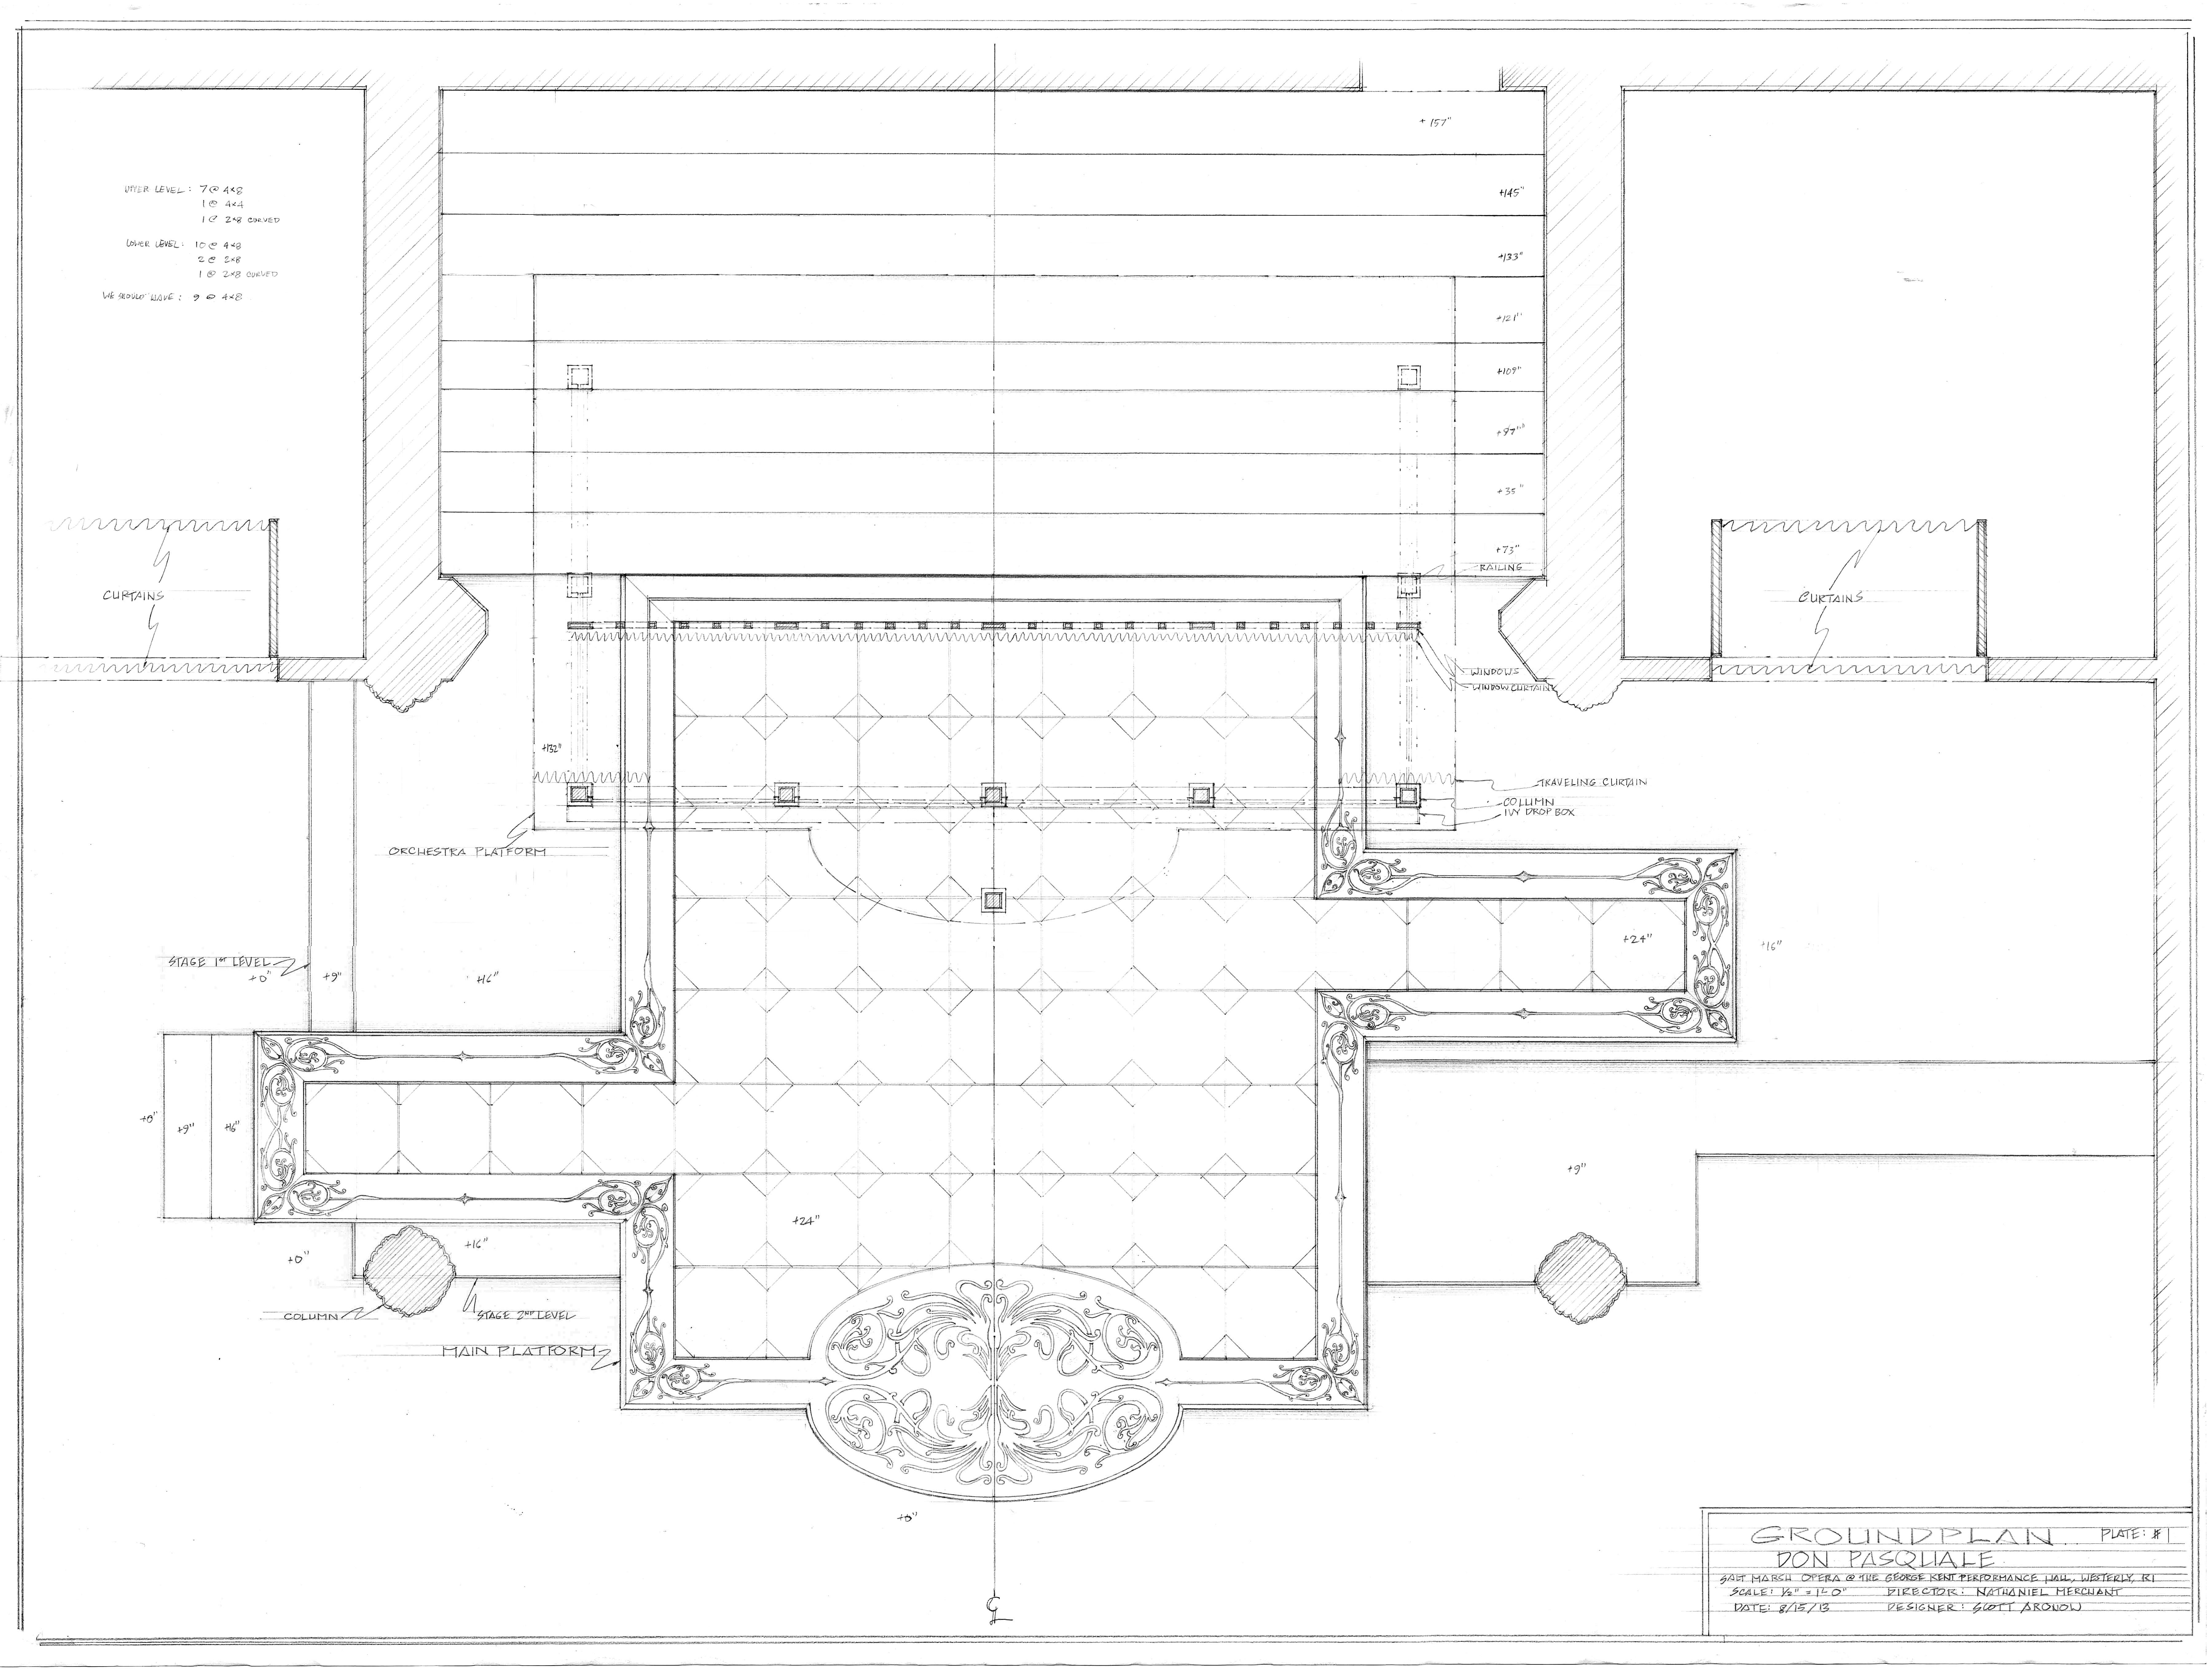 Plate #1. Groundplan, RI